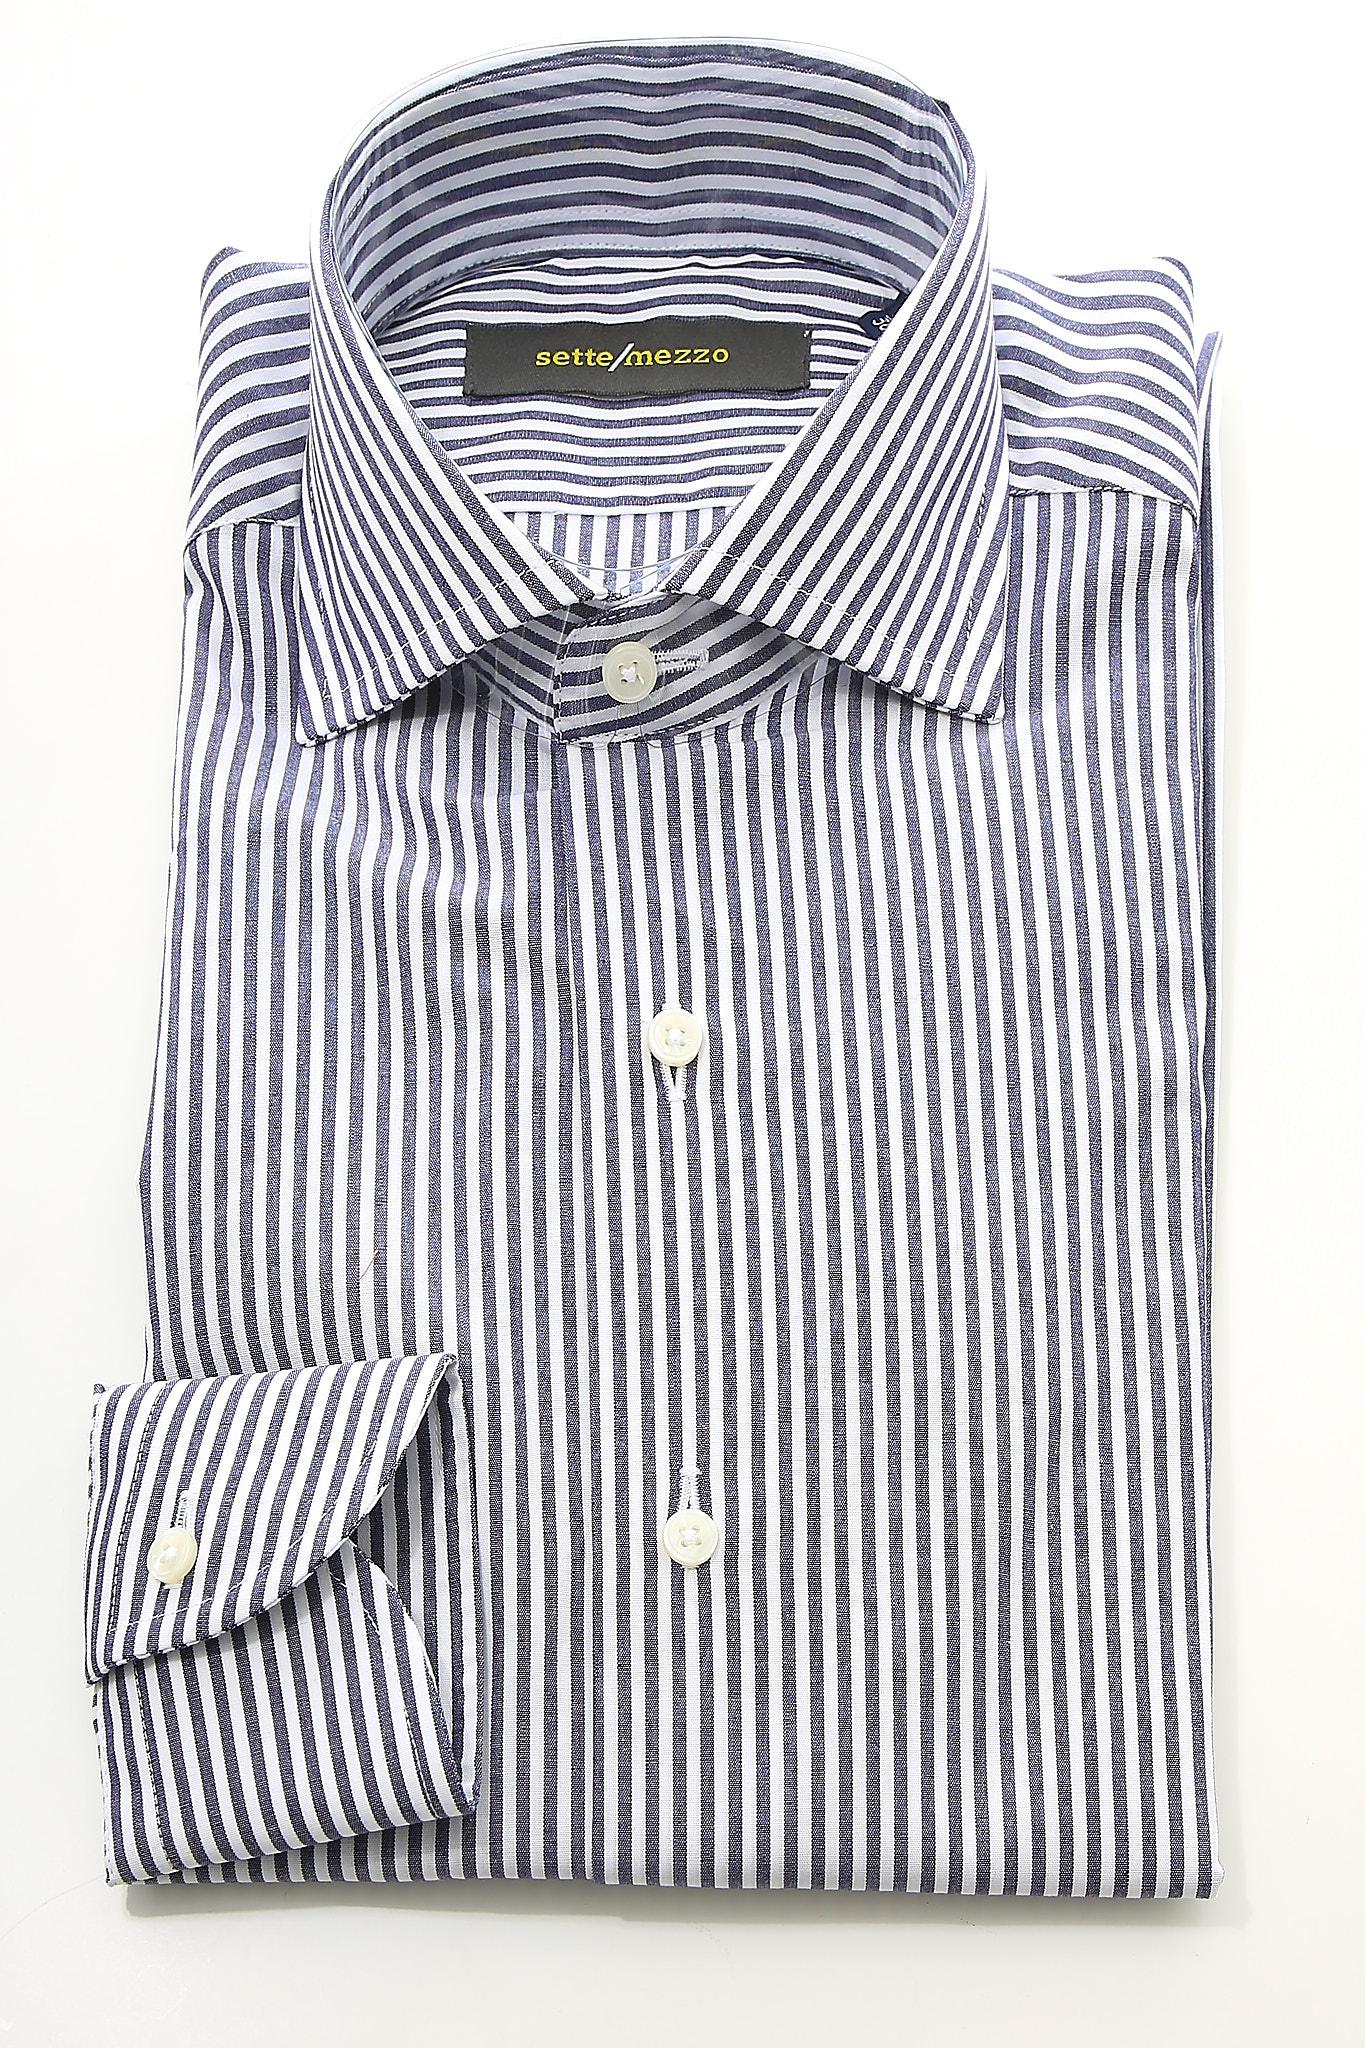 Camicia Sette/Mezzo SETTE/MEZZO   Camicia   TS1160009